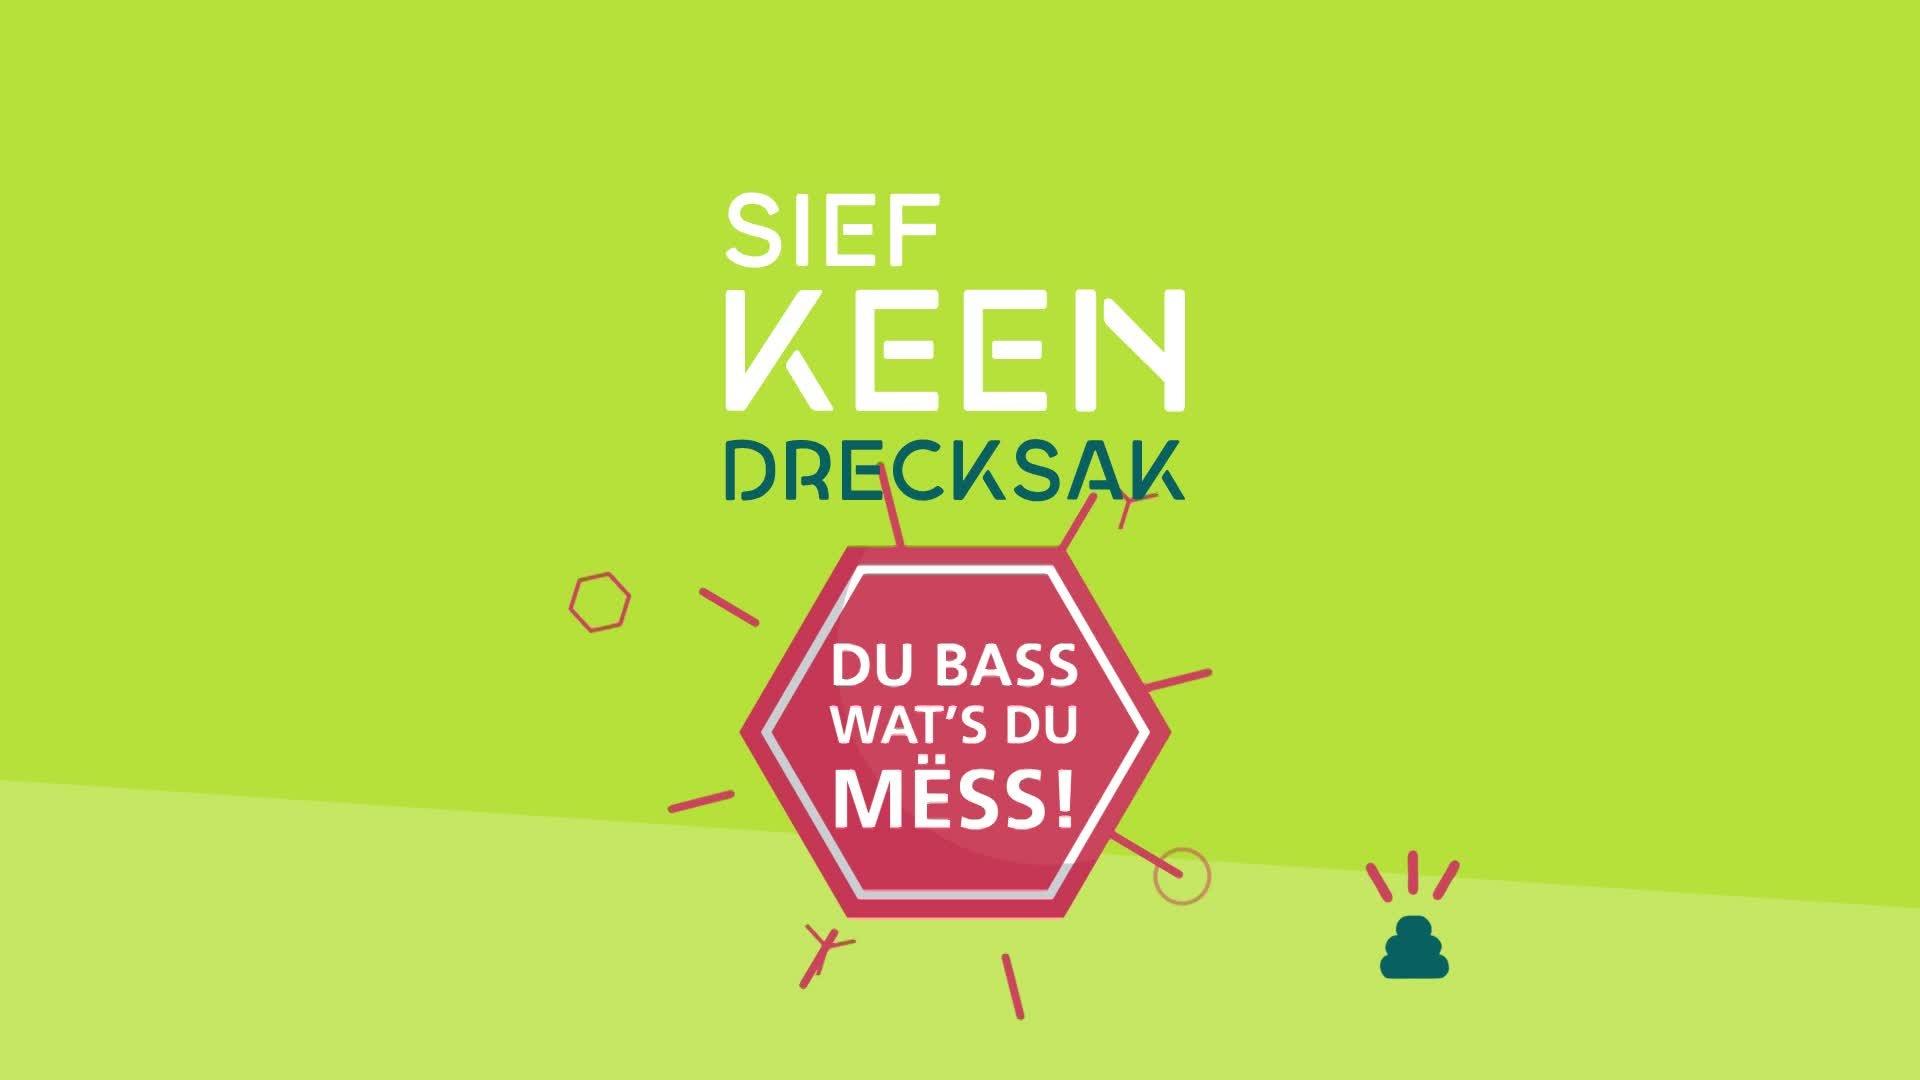 Sief keen Drecksak - Du bass wat's du mëss